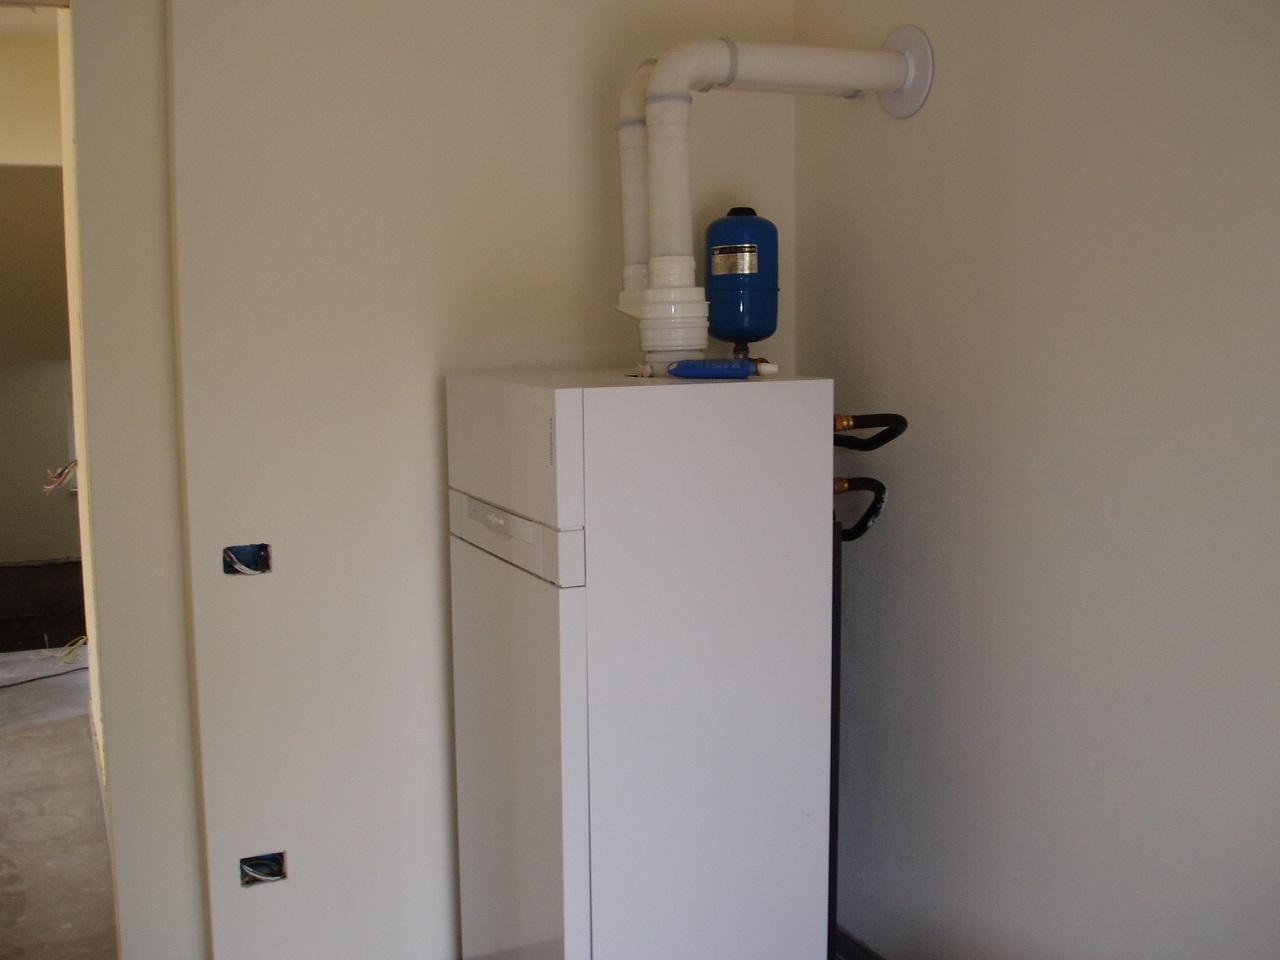 Progettazione consulenza e service diquigiovanni for Caldaia a condensazione viessmann